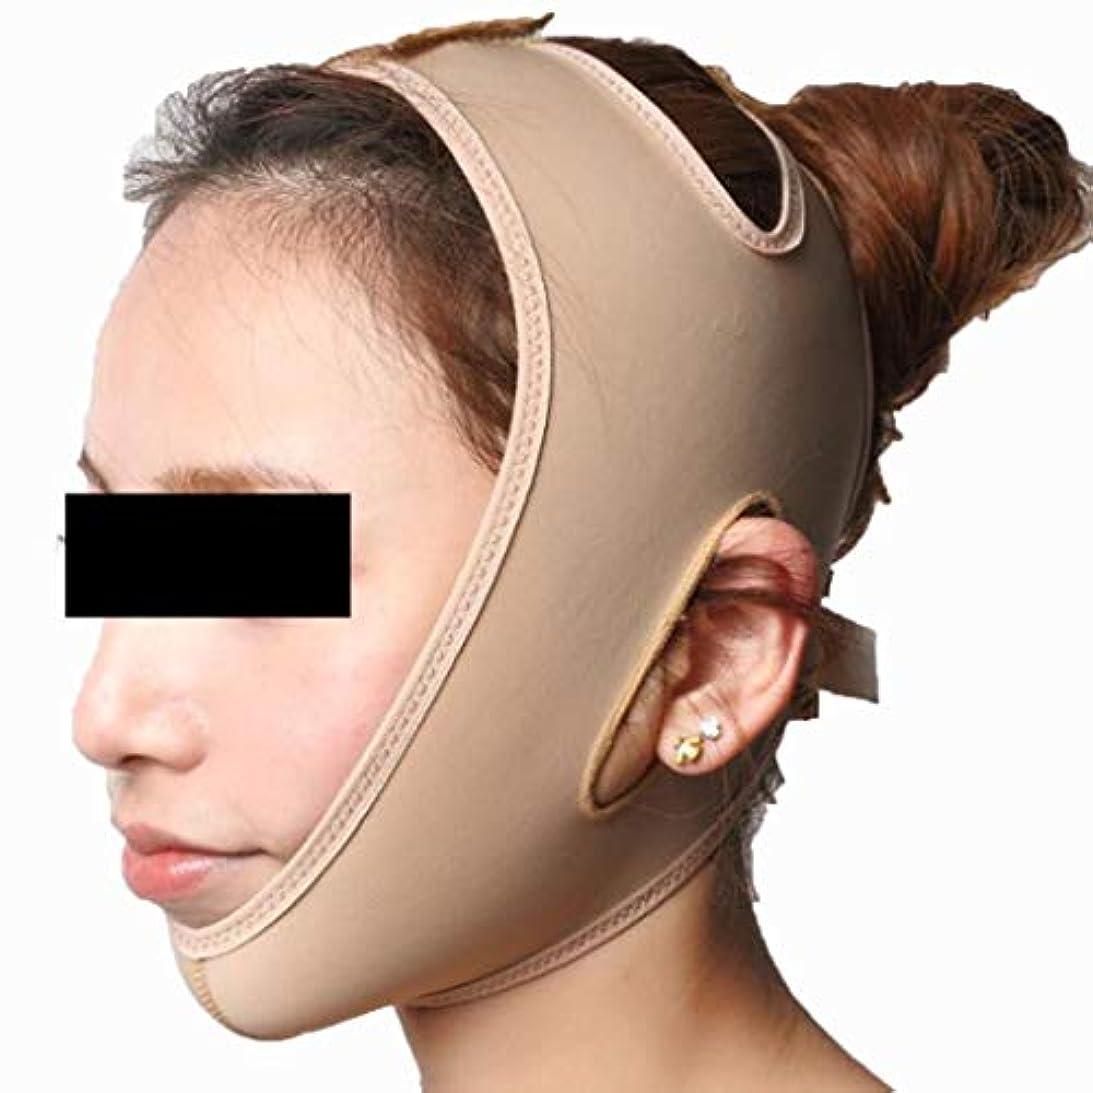 陸軍制限する兵器庫薄い顔包帯フェイススリム二重あごを取り除くVラインの顔の形を作成するあごの頬リフトアップアンチリンクル